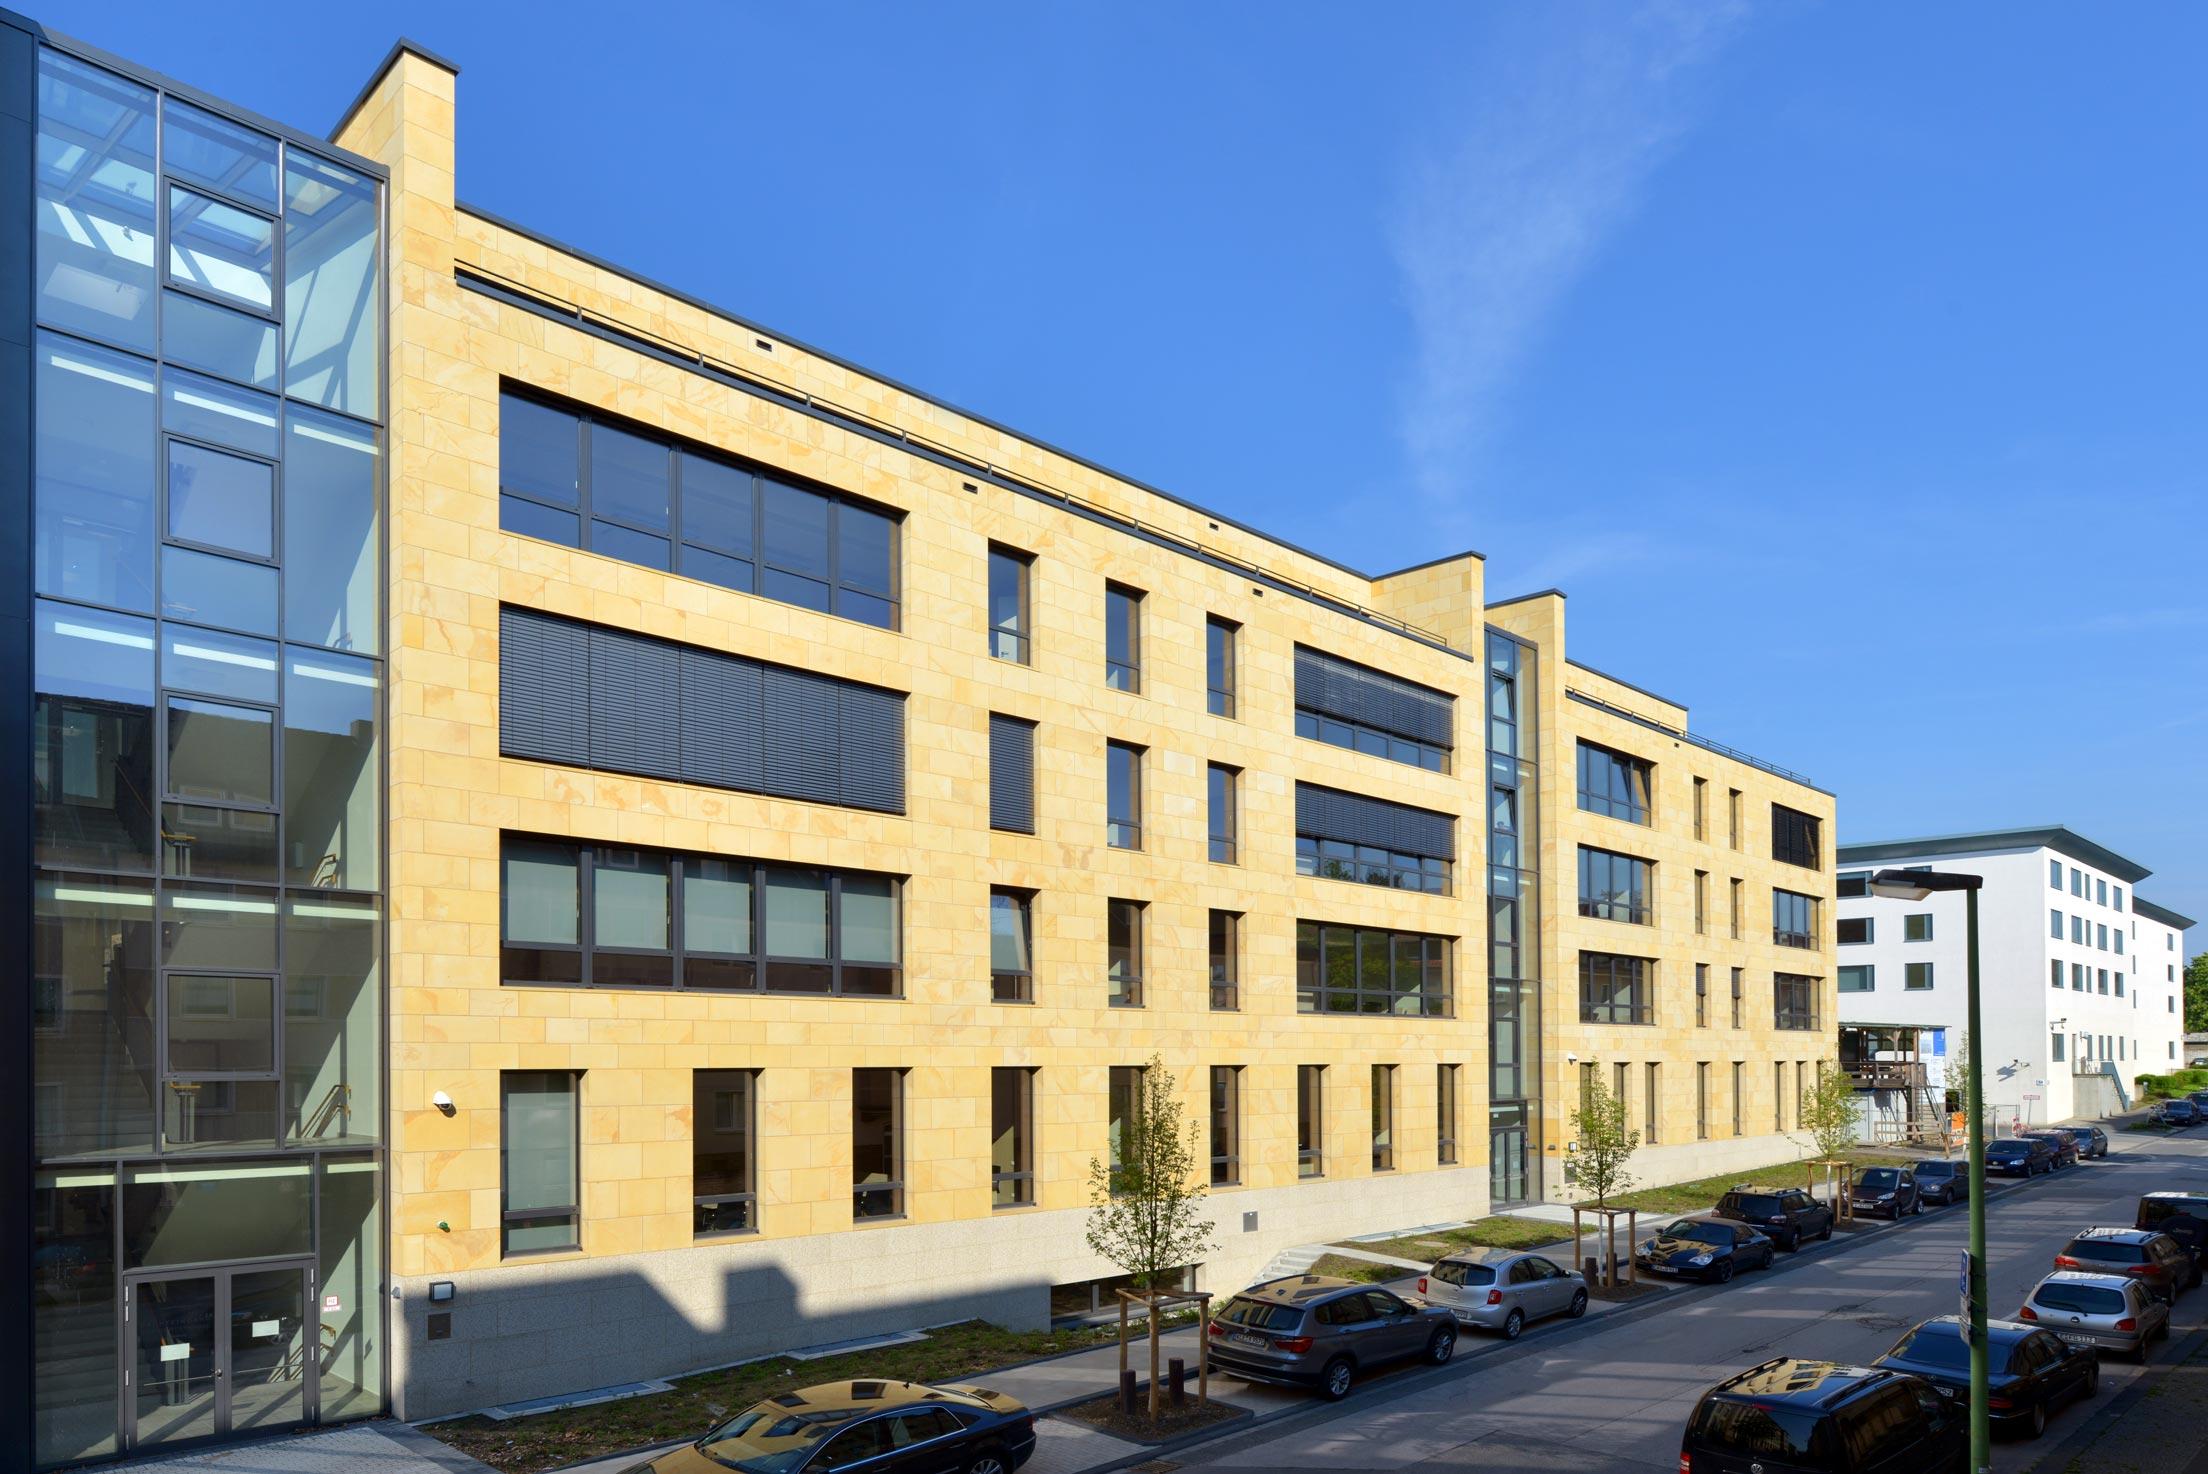 Neubau Justizgebäude Saaltrakt